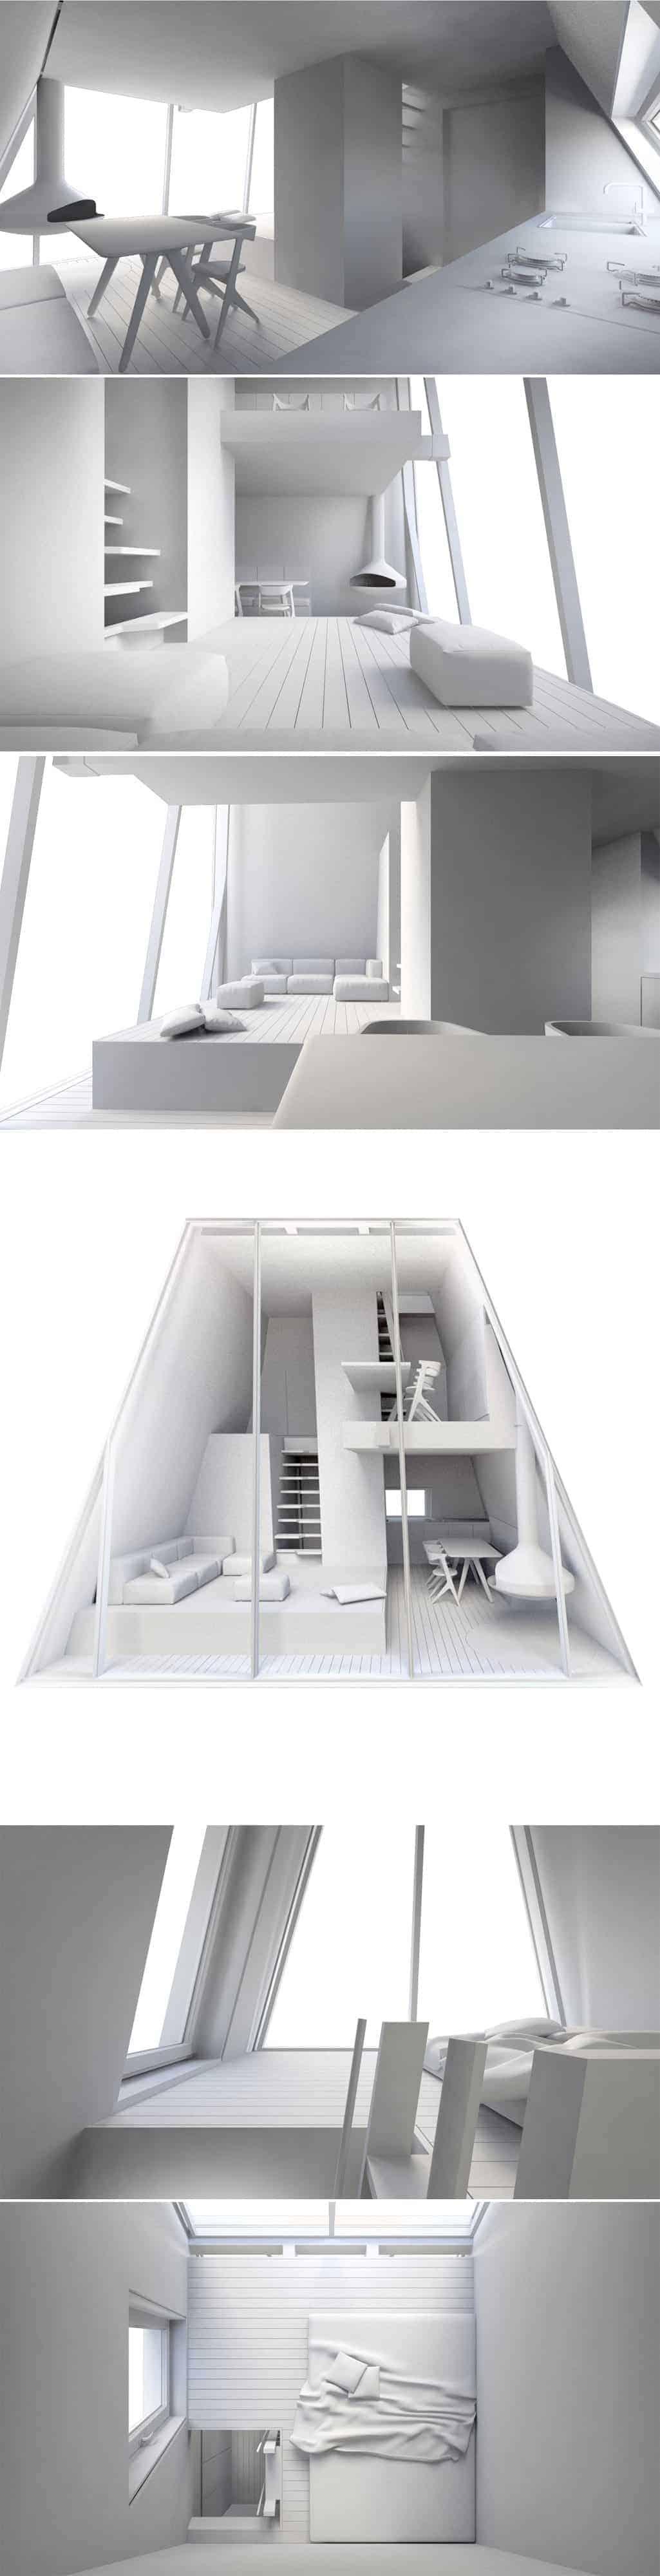 single pole tiny house